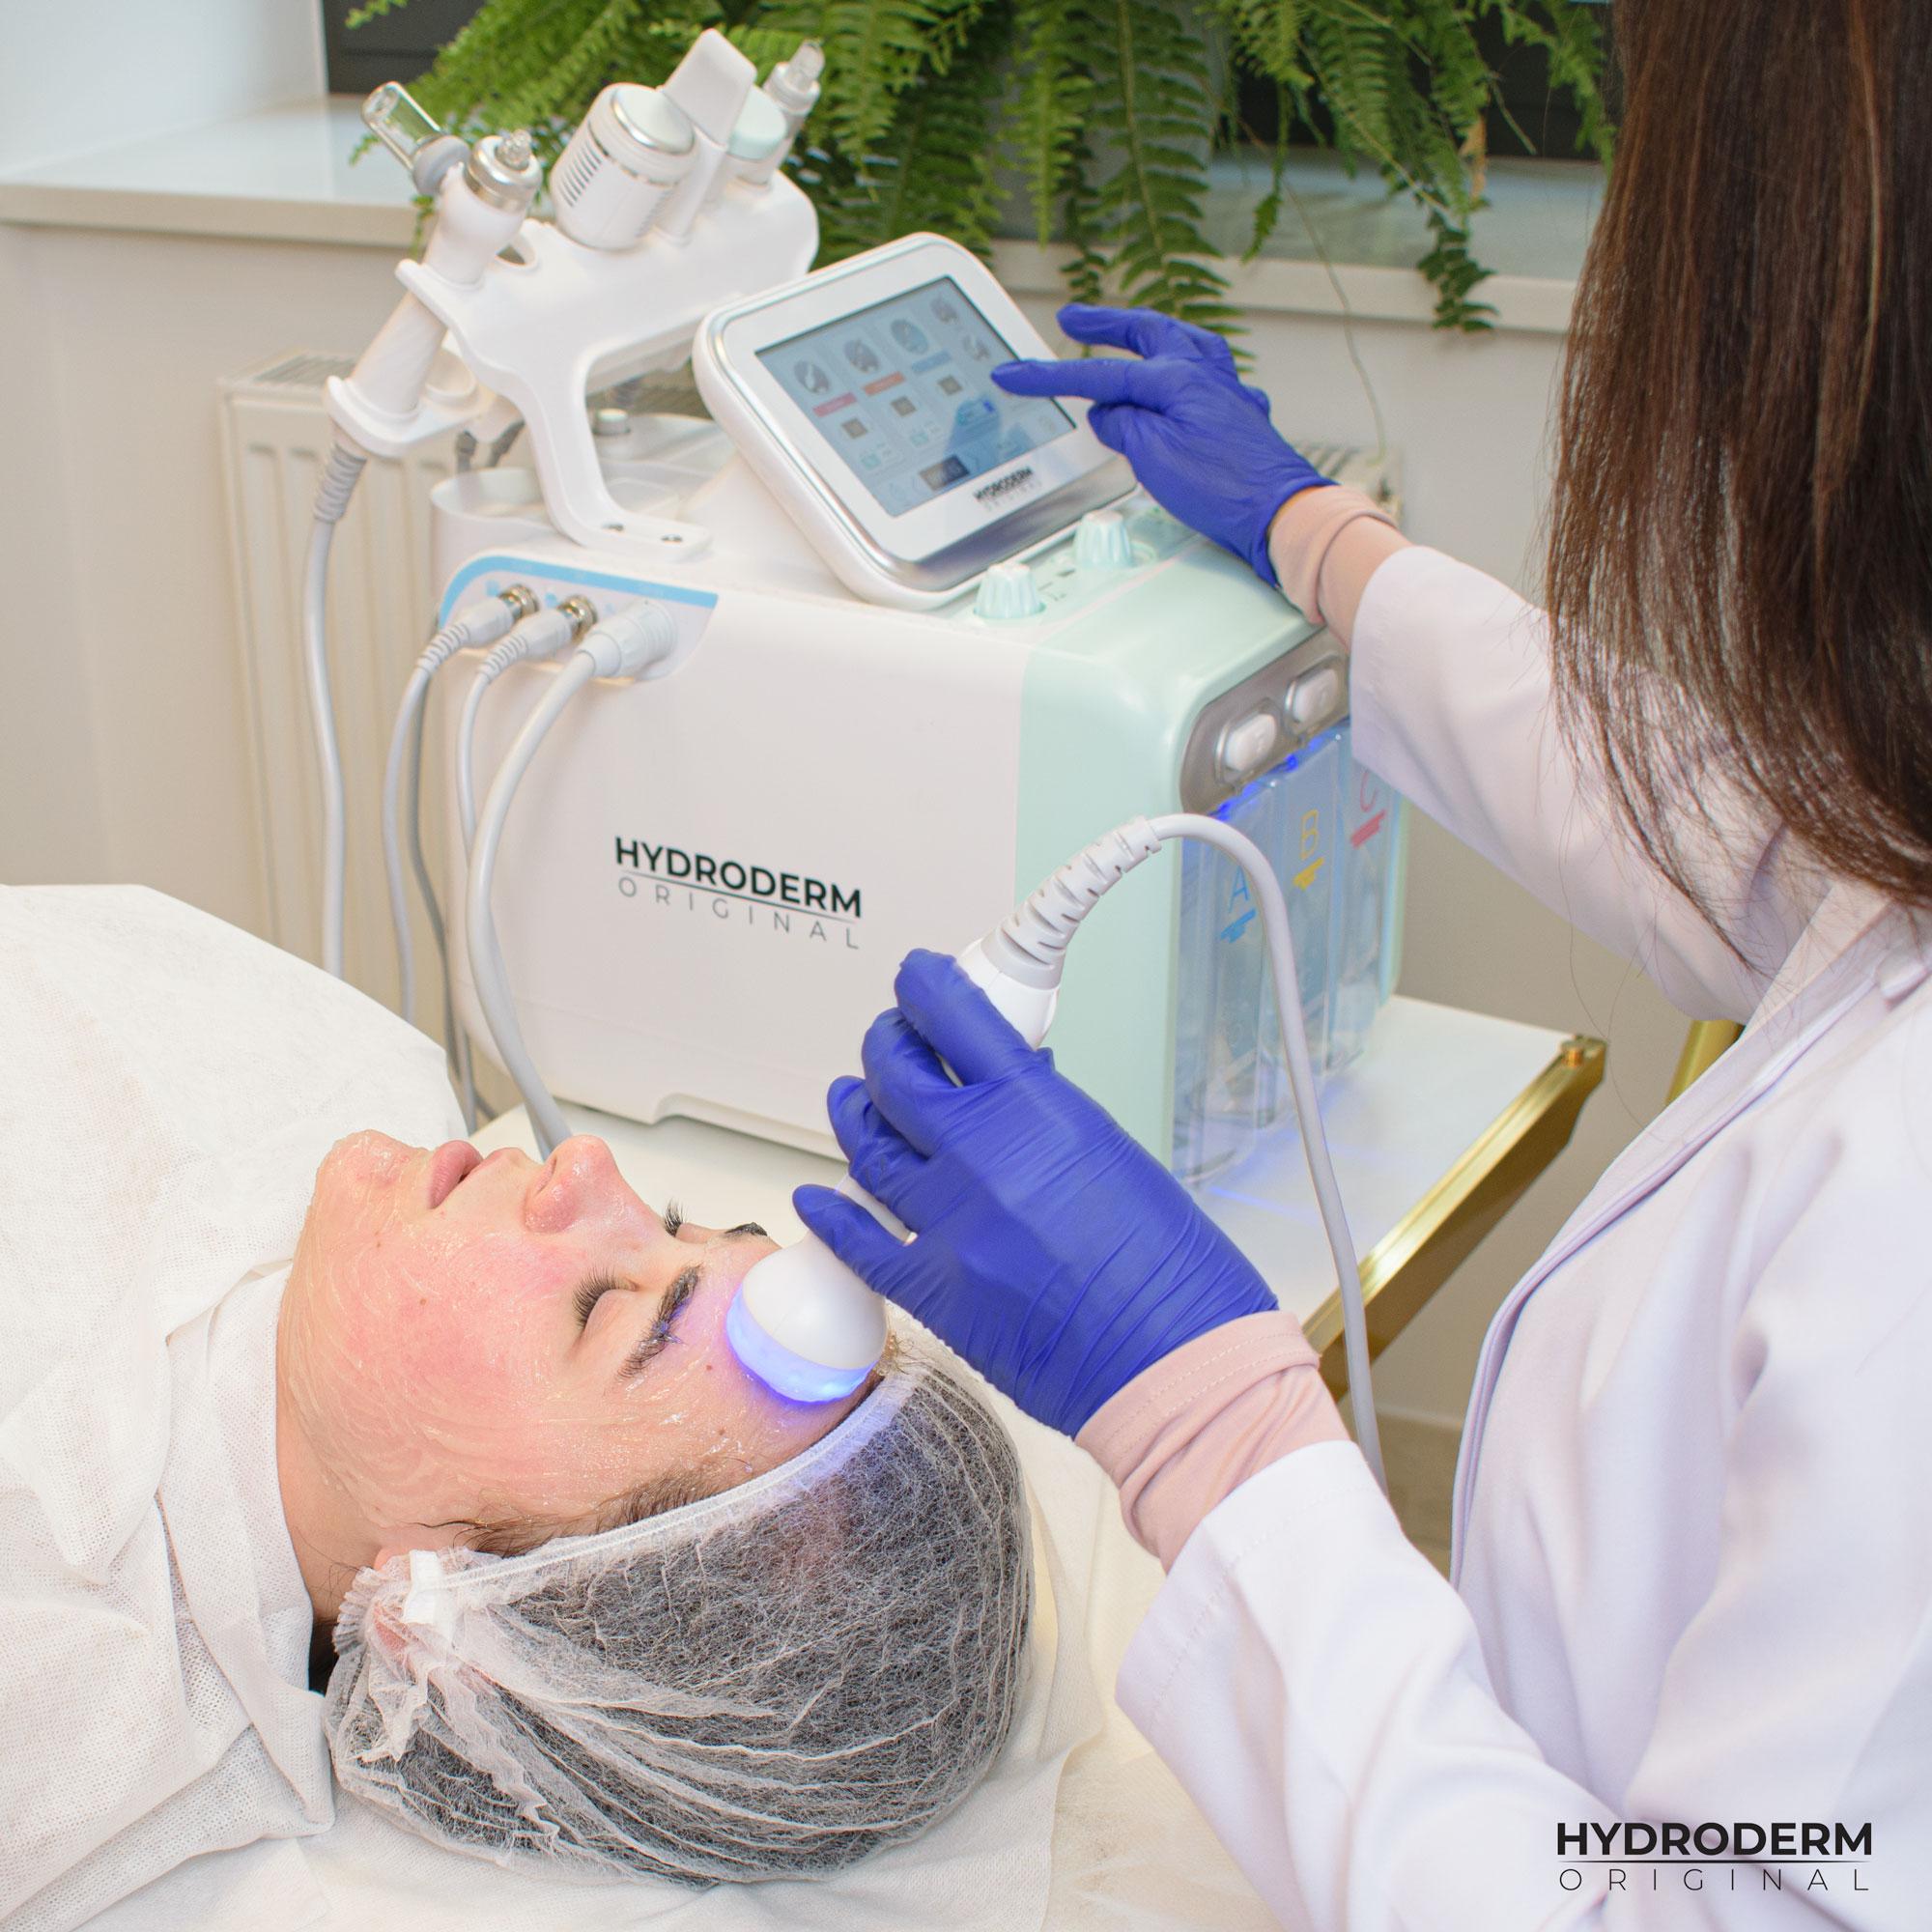 Jednym z dostępnych świateł leczniczych jest kolor niebieski - doskonale działający na wierzchnią warstwę skóry